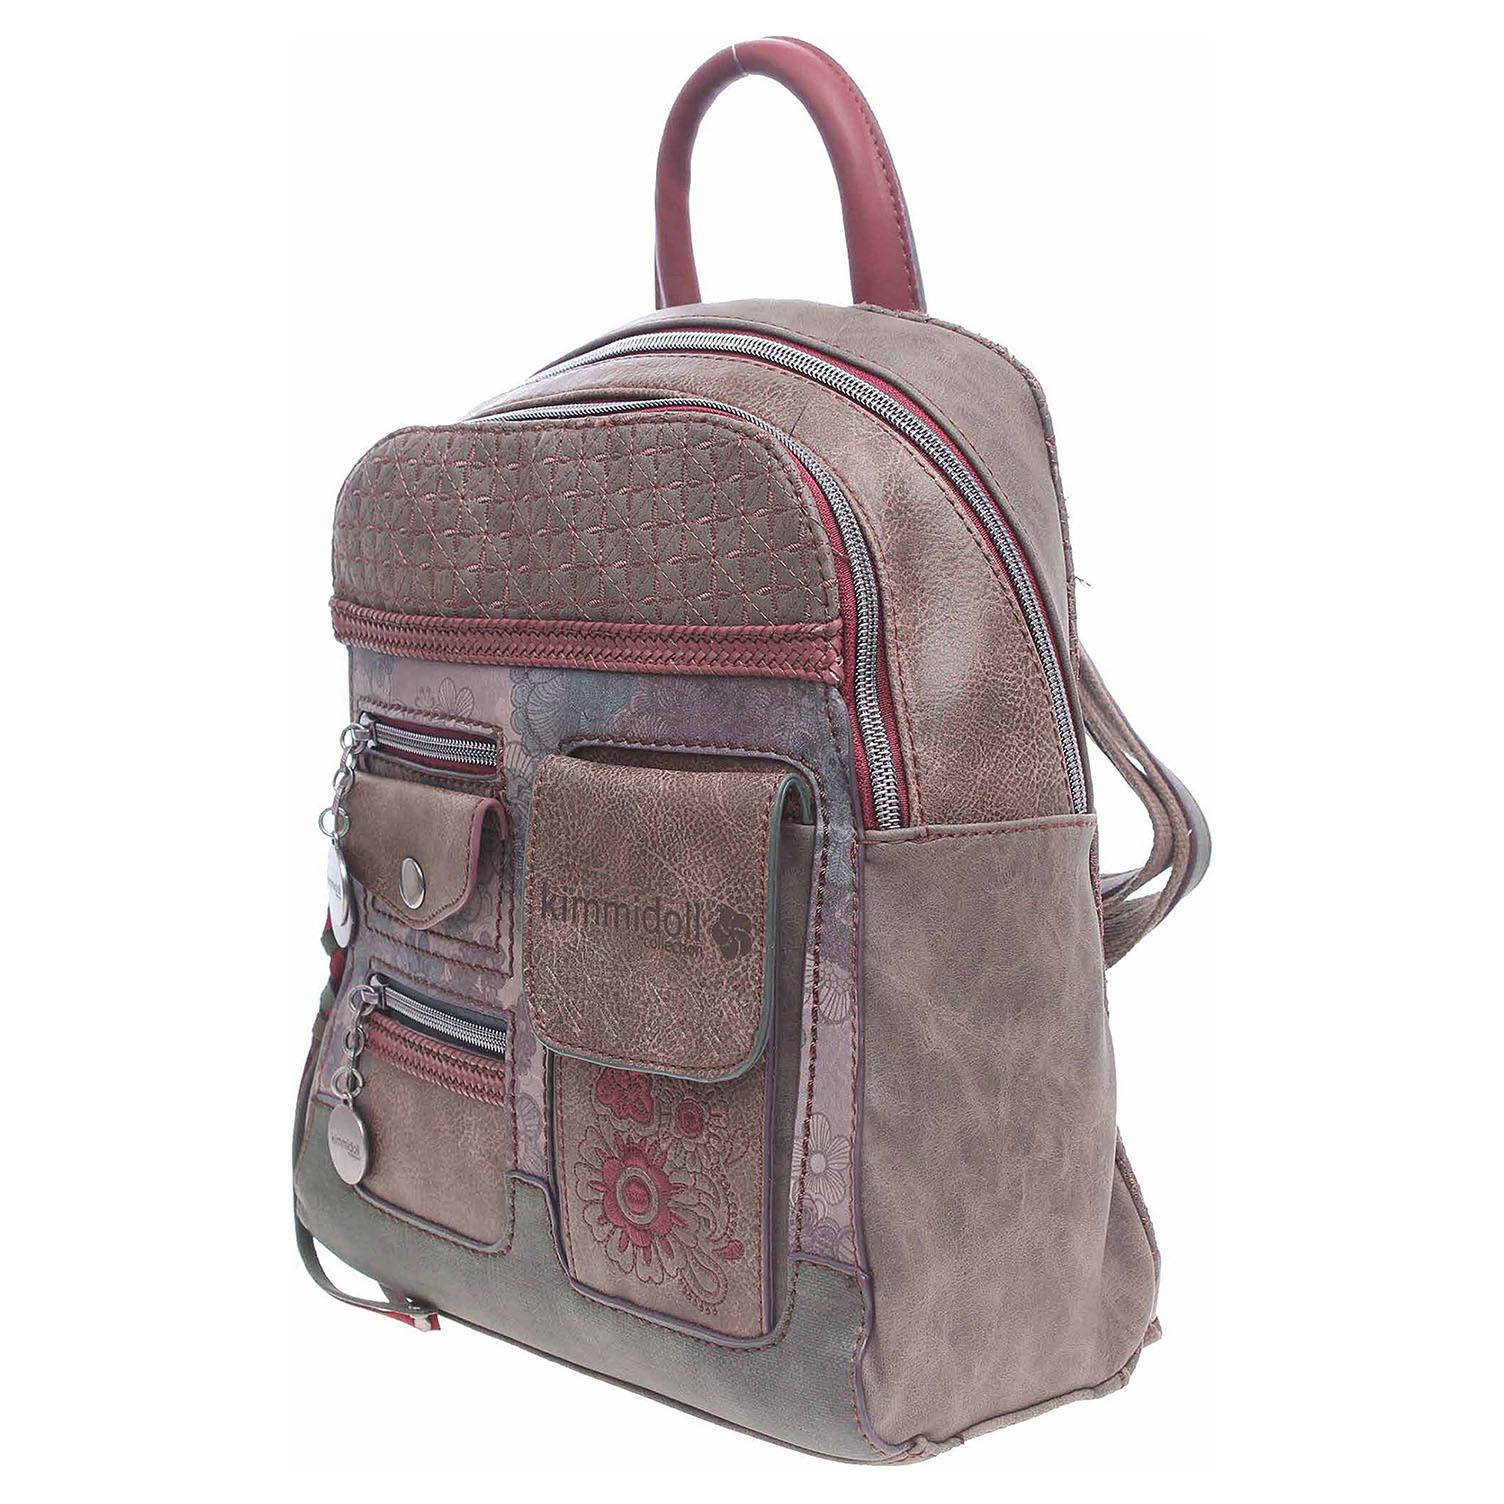 Ecco Kimmidoll dámský batoh 25676 hnědý 11601270